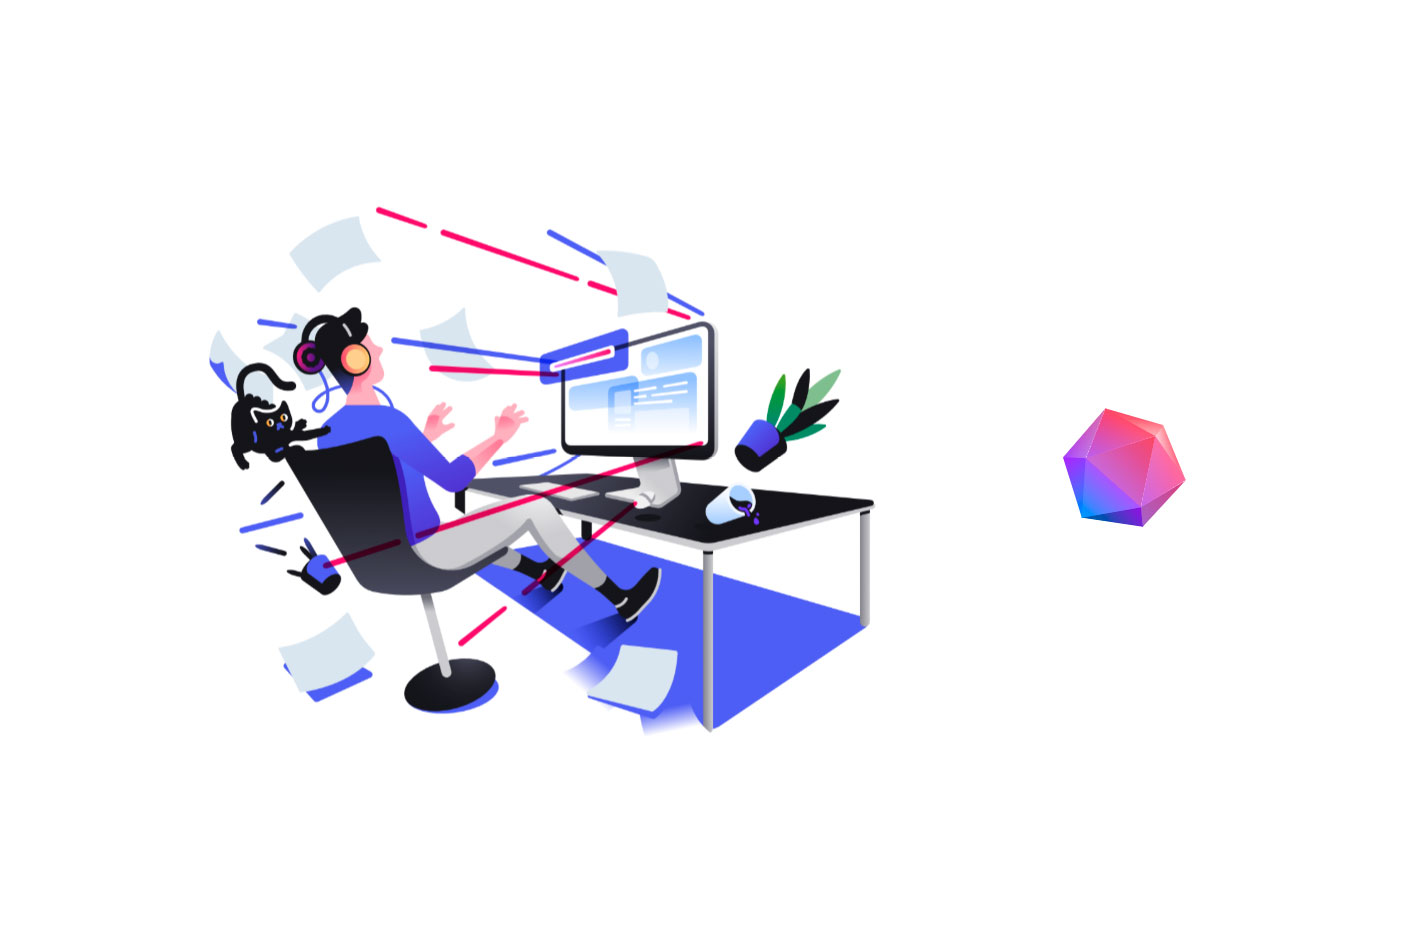 Мэйл.ру запустили новый браузер Atom